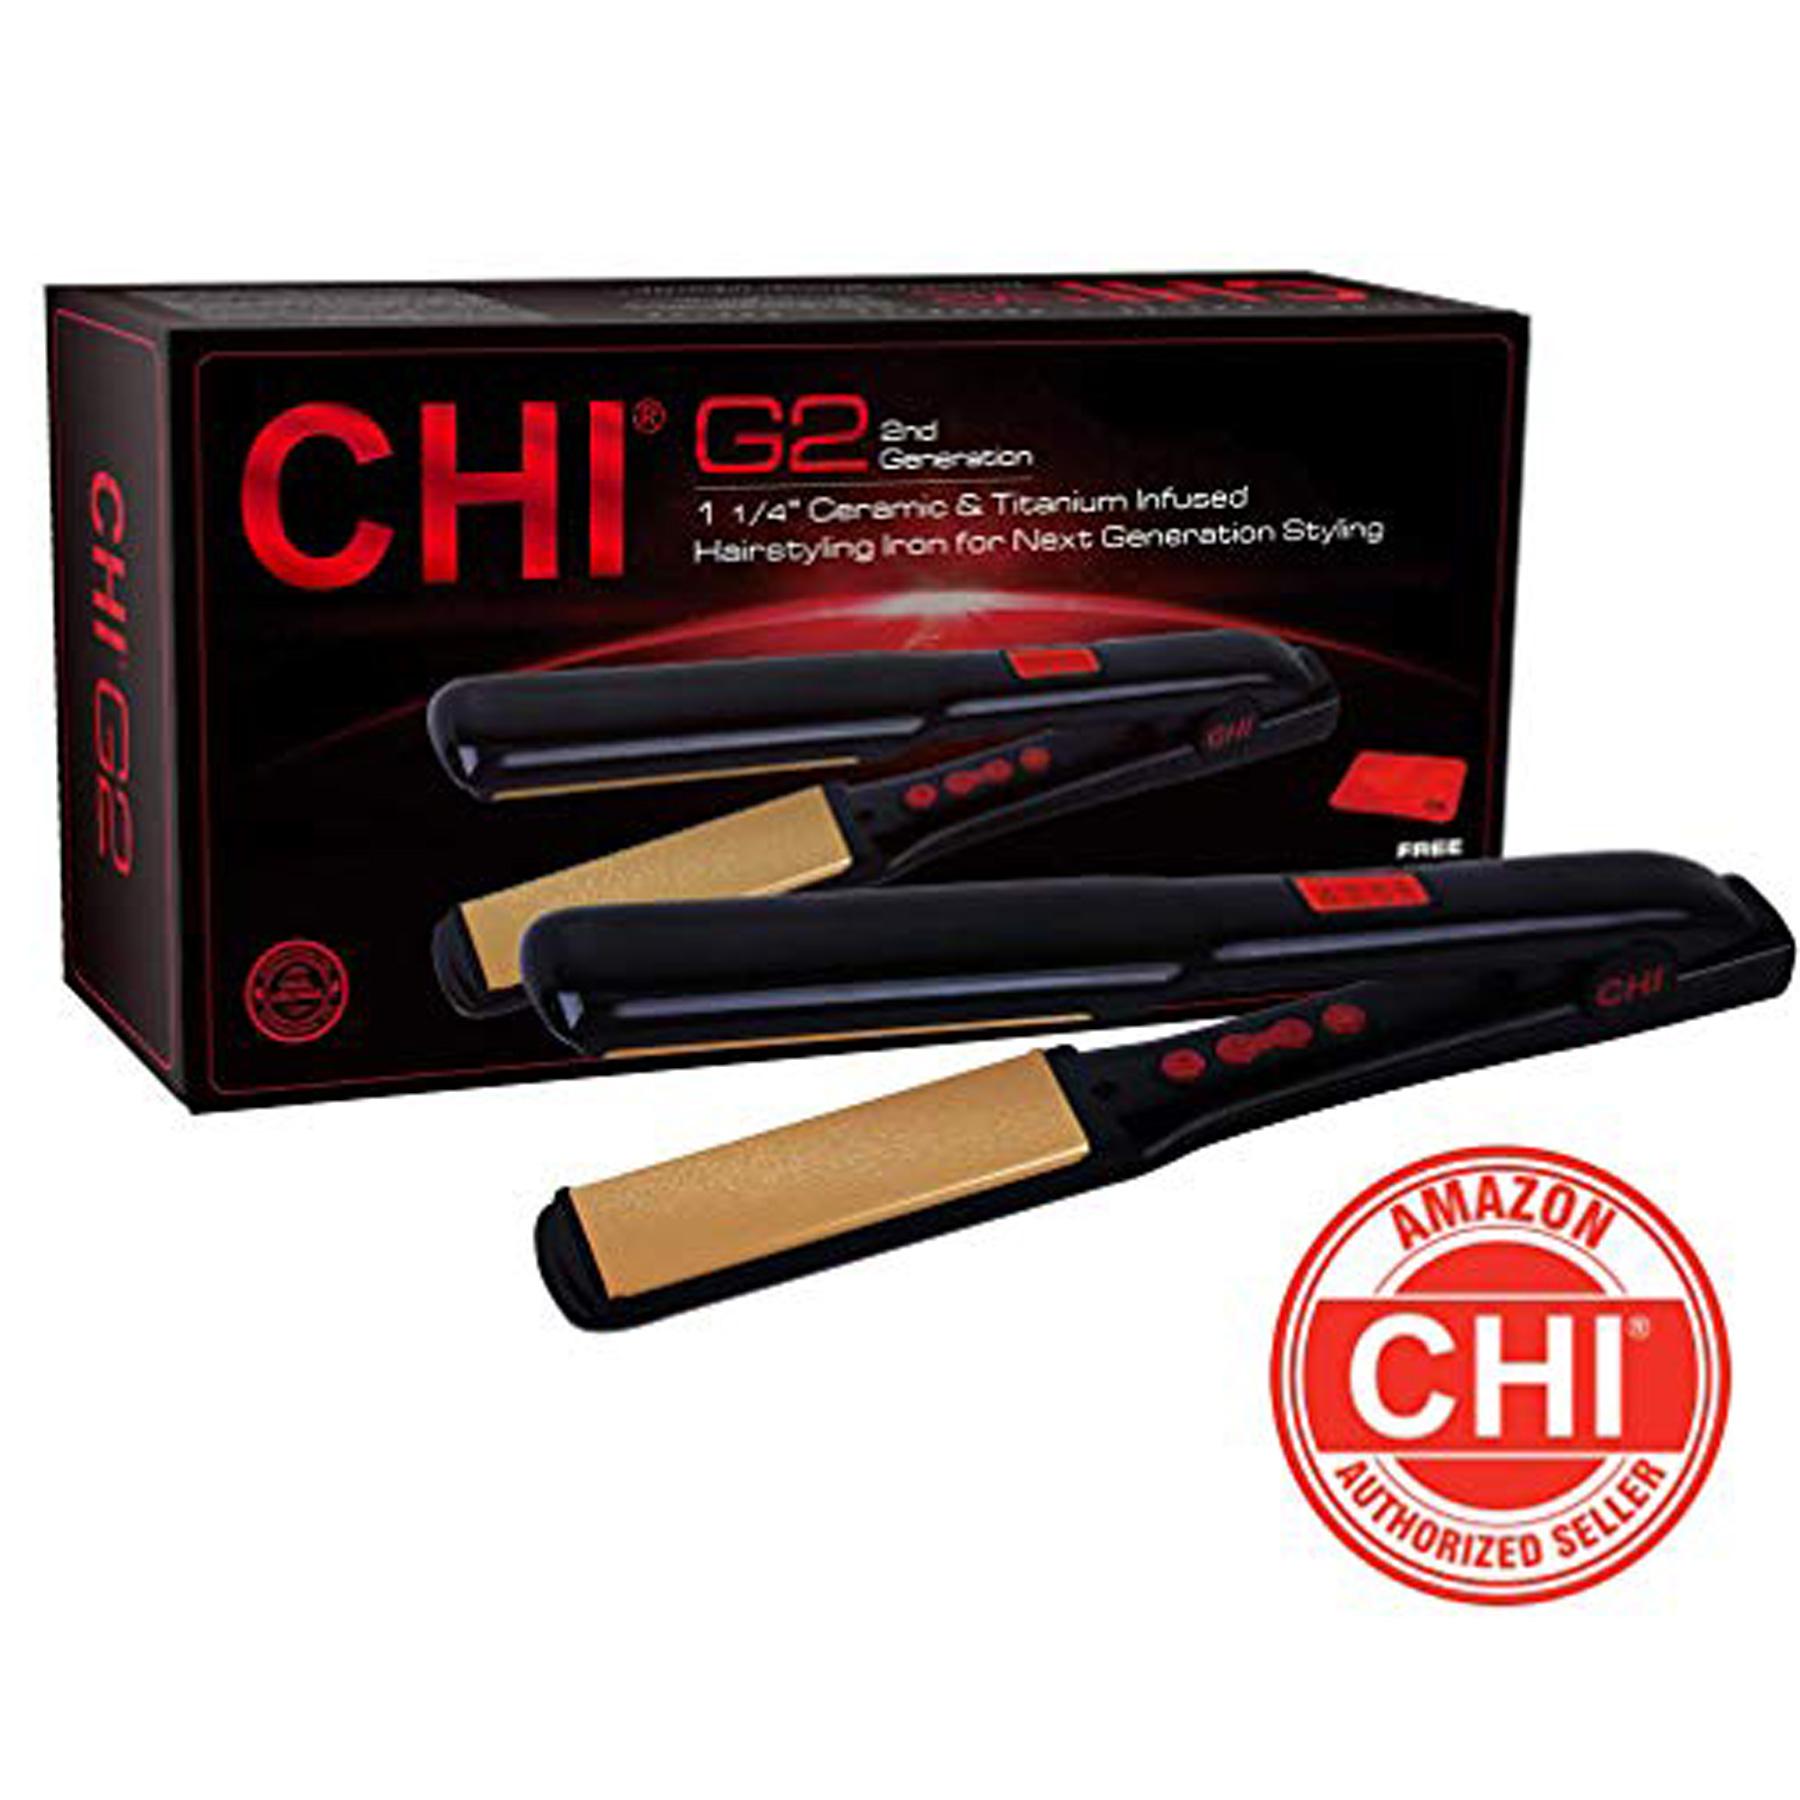 60 Off Chi G2 Ceramic And Titanium Straightening Iron